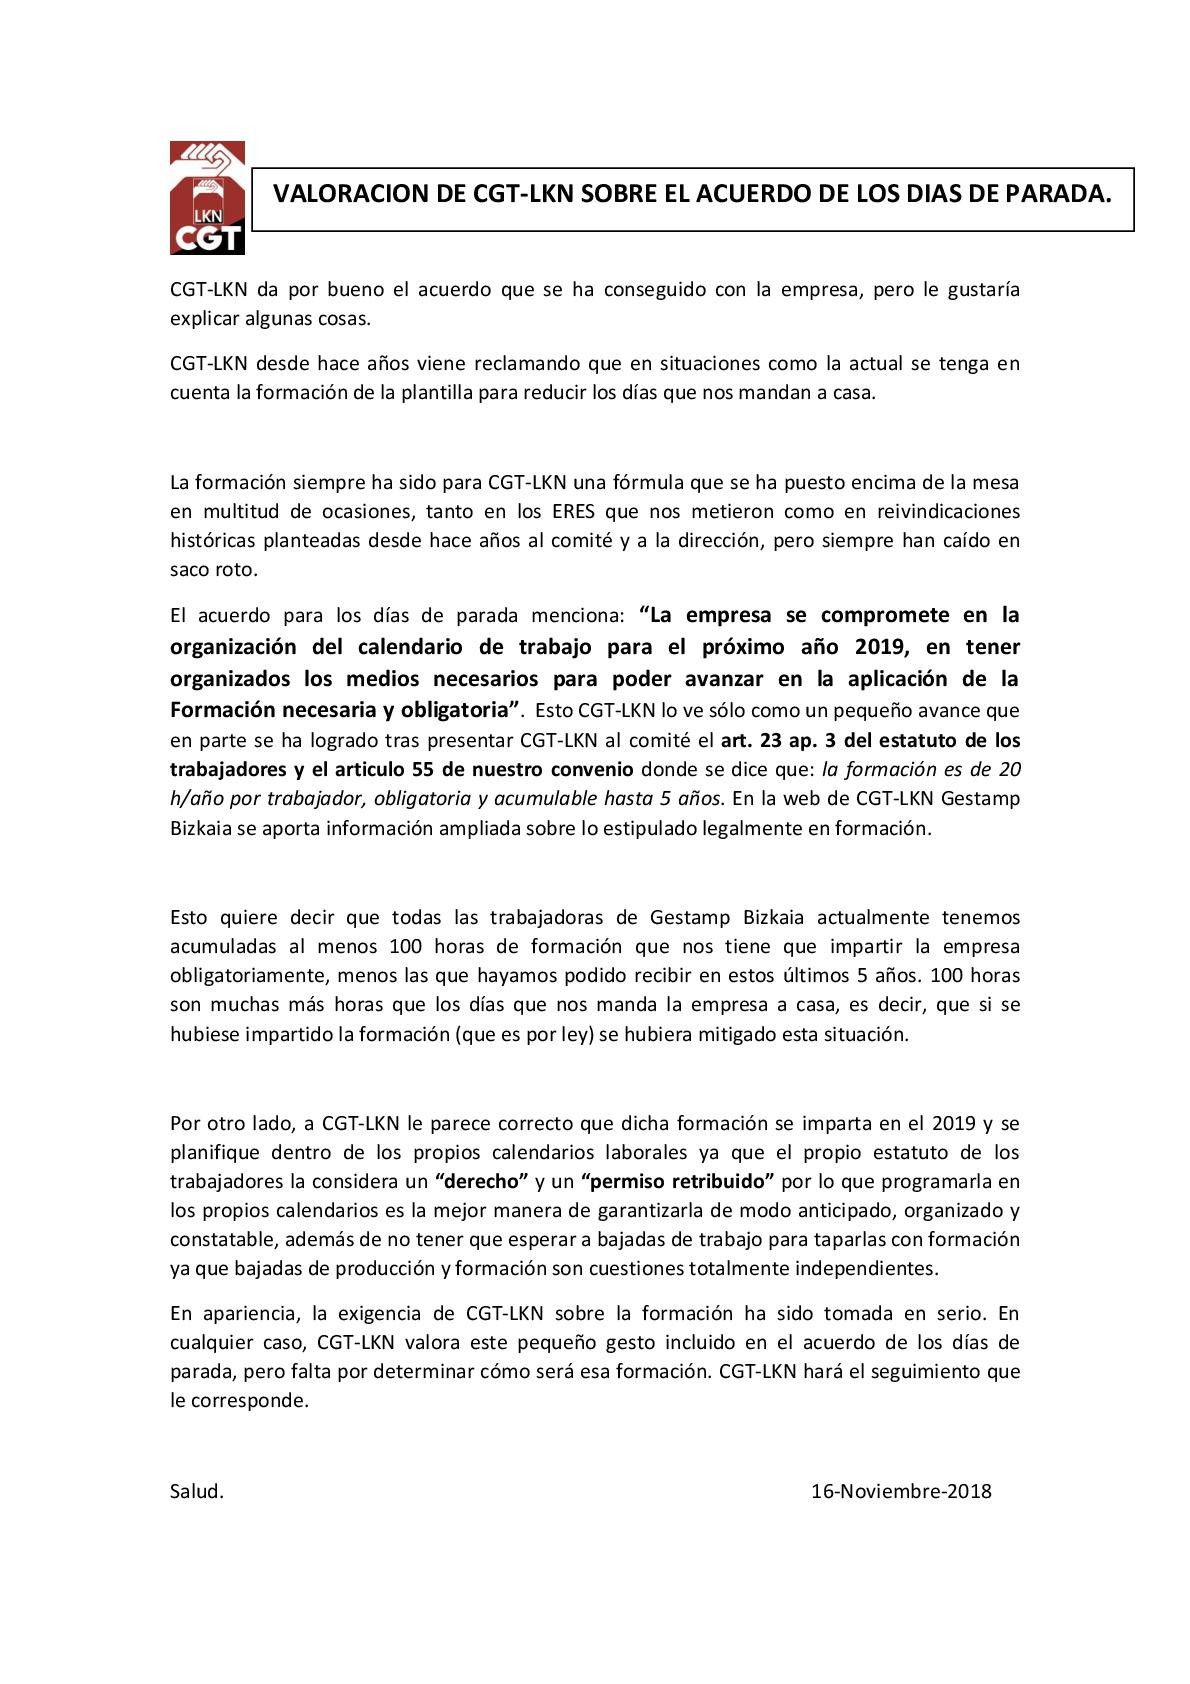 Valoracion sobre el acuerdo alcanzado 16-11-18 - copia-001